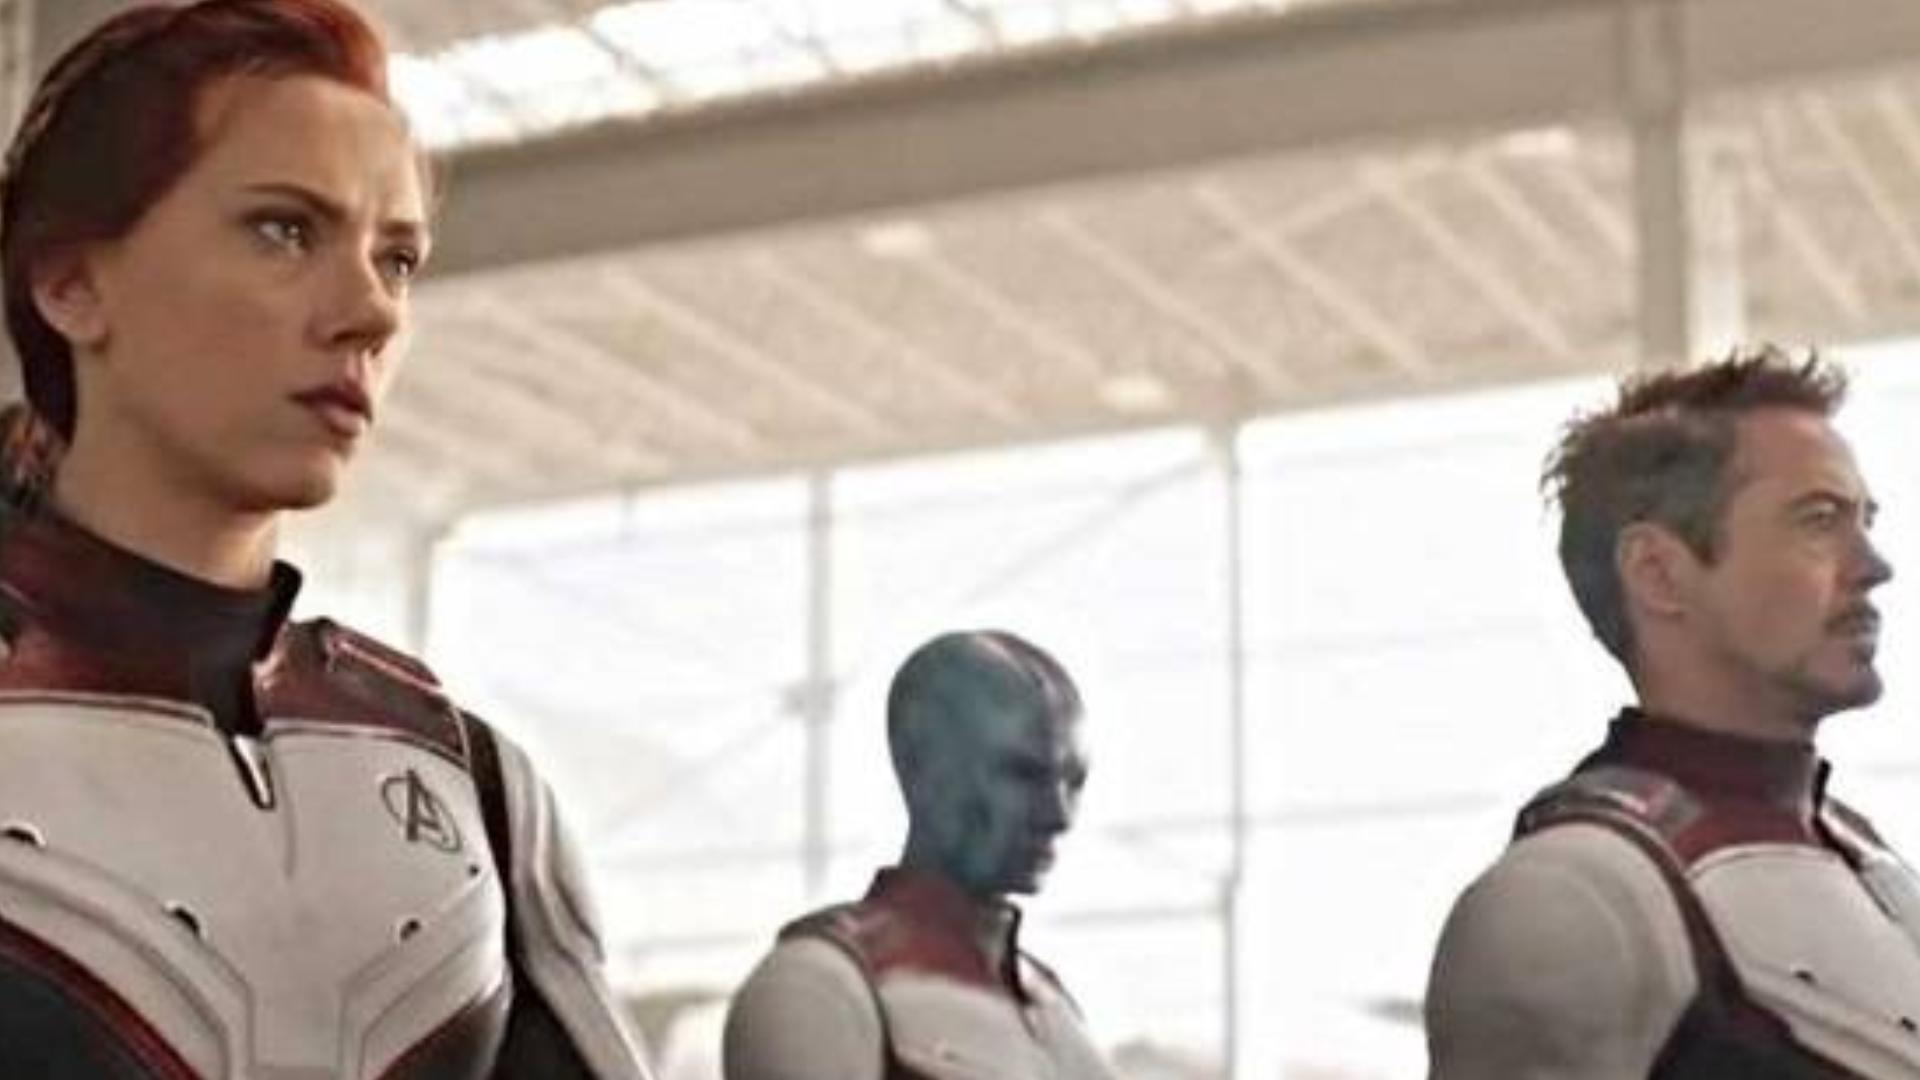 复联4未播片段(中字):托尼穿越前查看量子战衣,看出三种技术